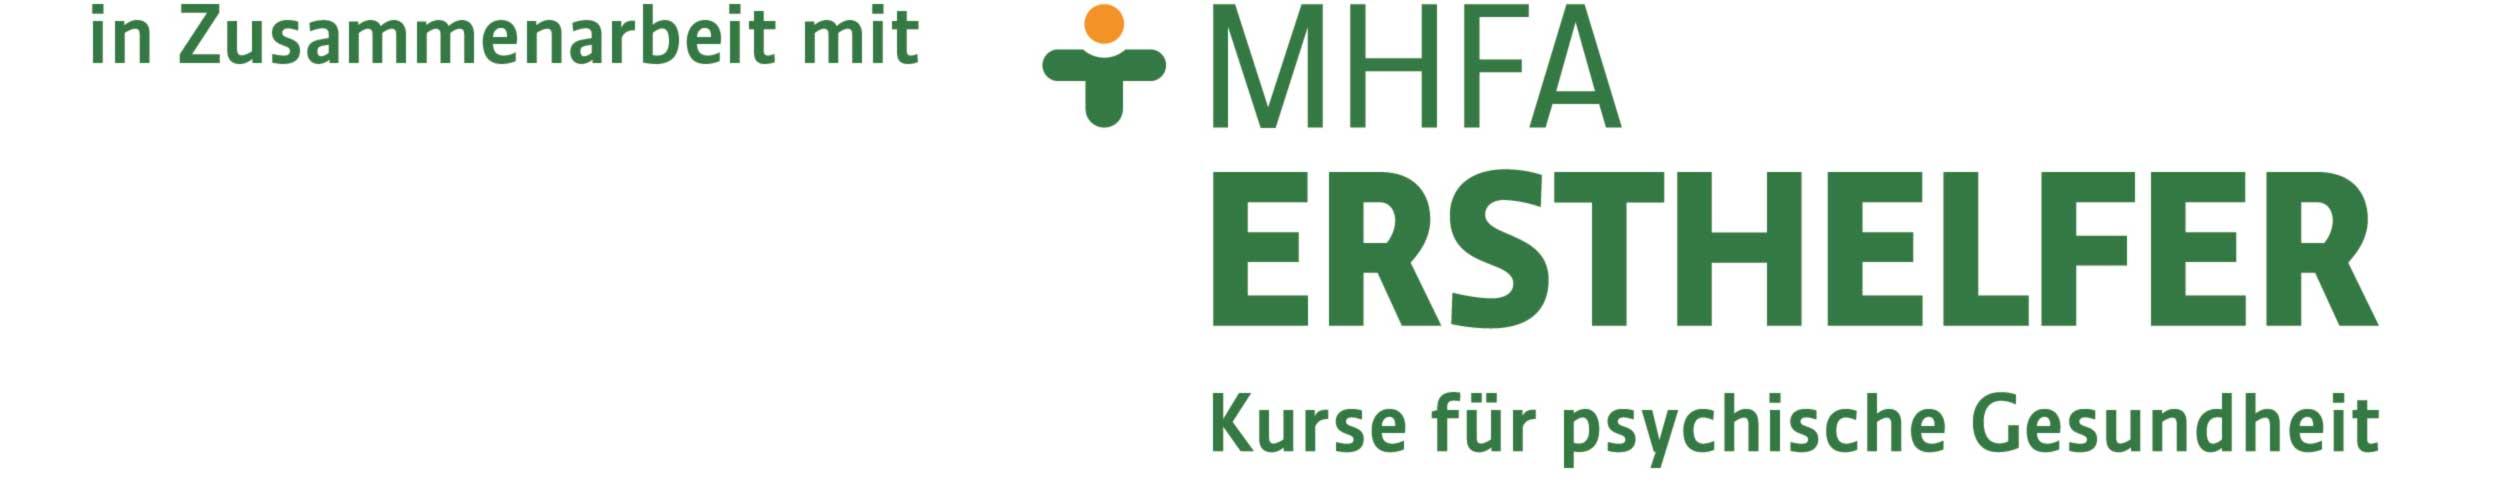 MHFA Ersthelfer Kurse für psychische Gesundheit